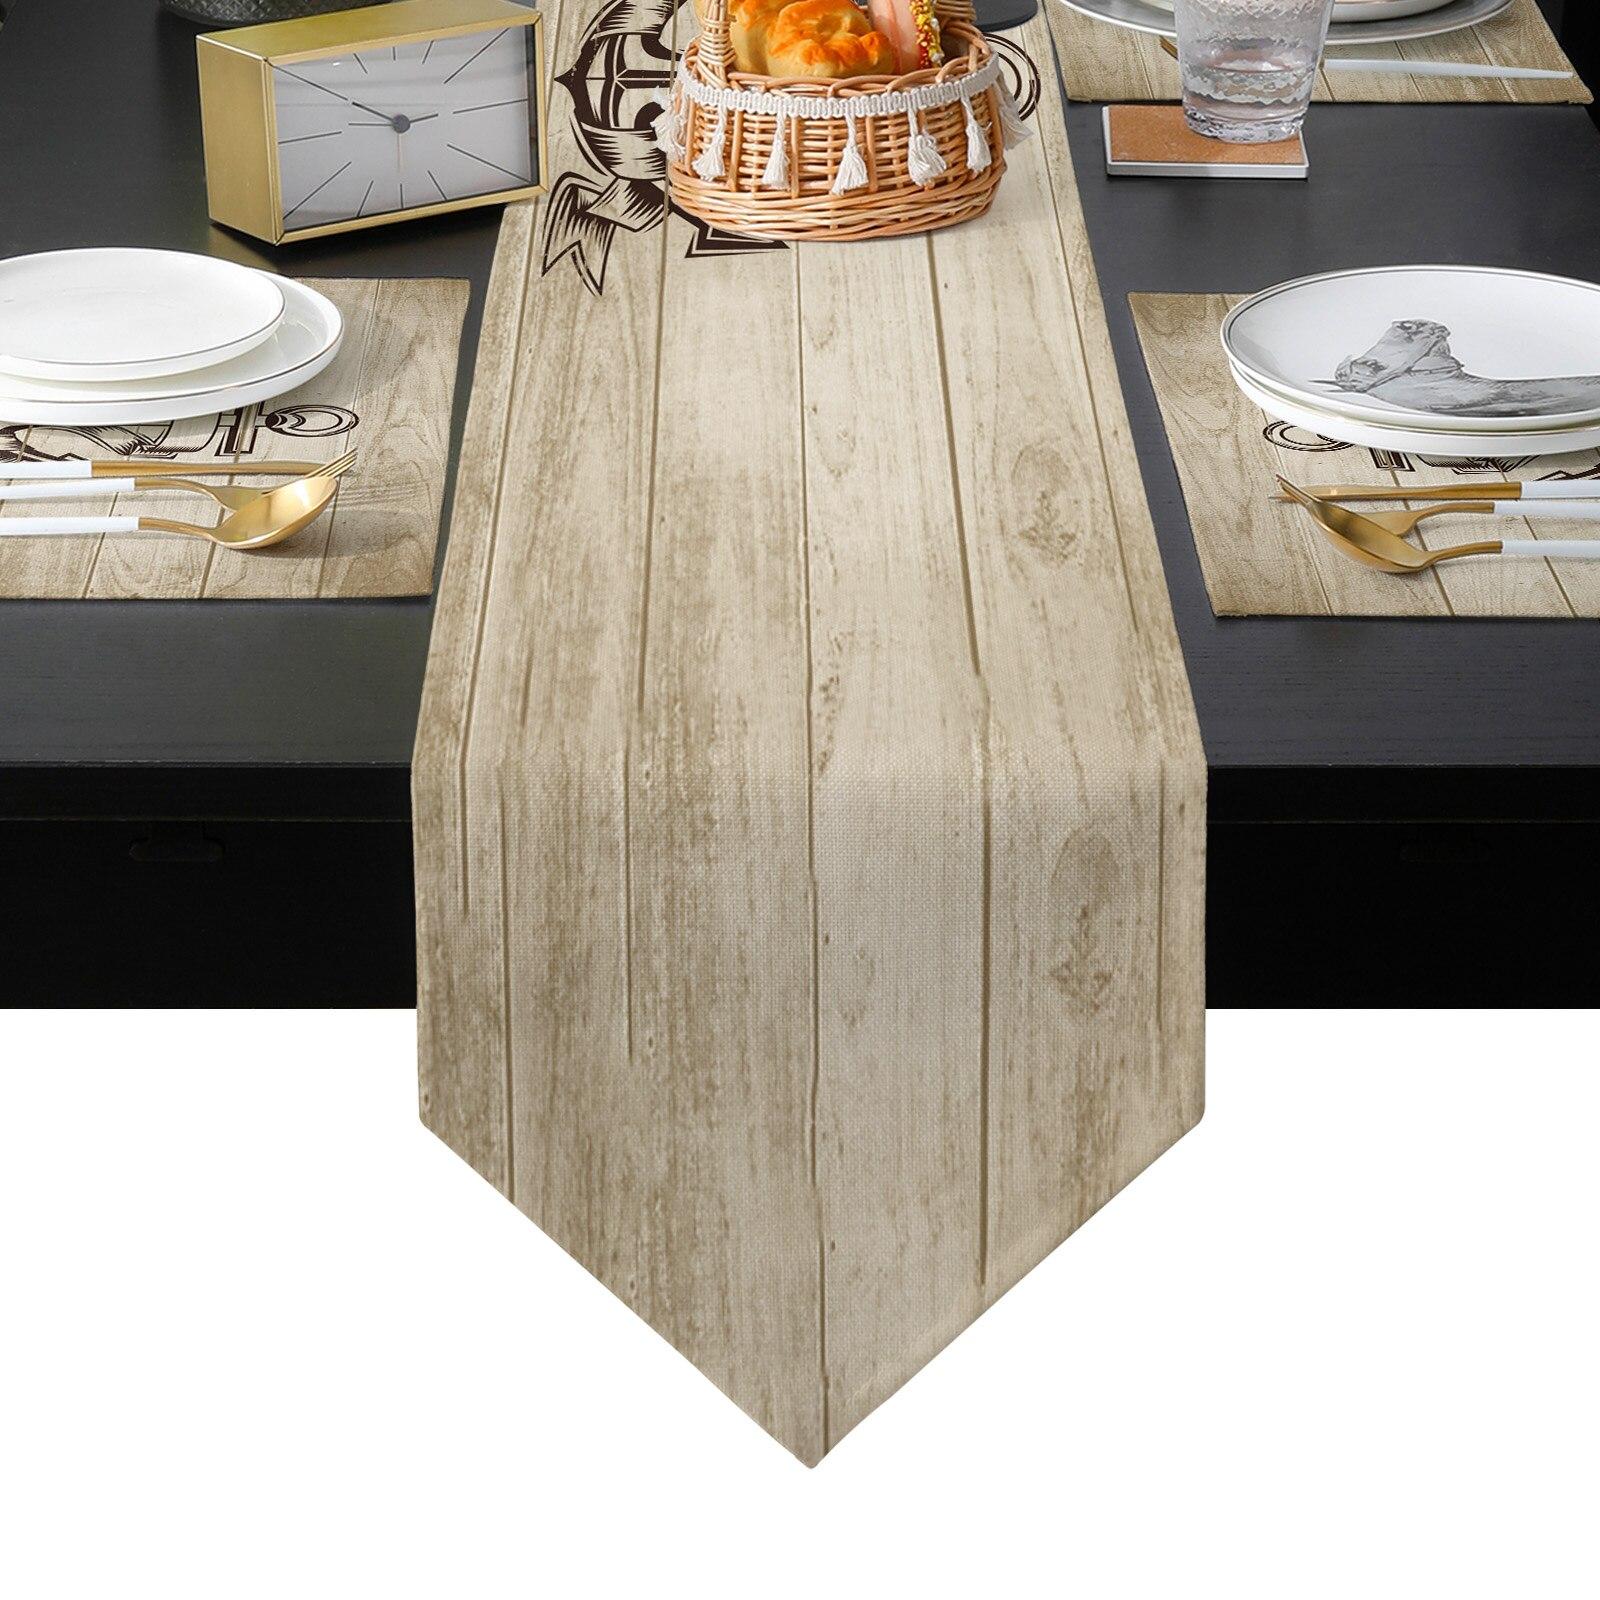 الإبحار موضوع مرساة الخشب الحبوب الزفاف الجدول عداء مجموعة الجدول الحصير الشاي غطاء خزانة الغبار Tablecloth ديكور المنزل